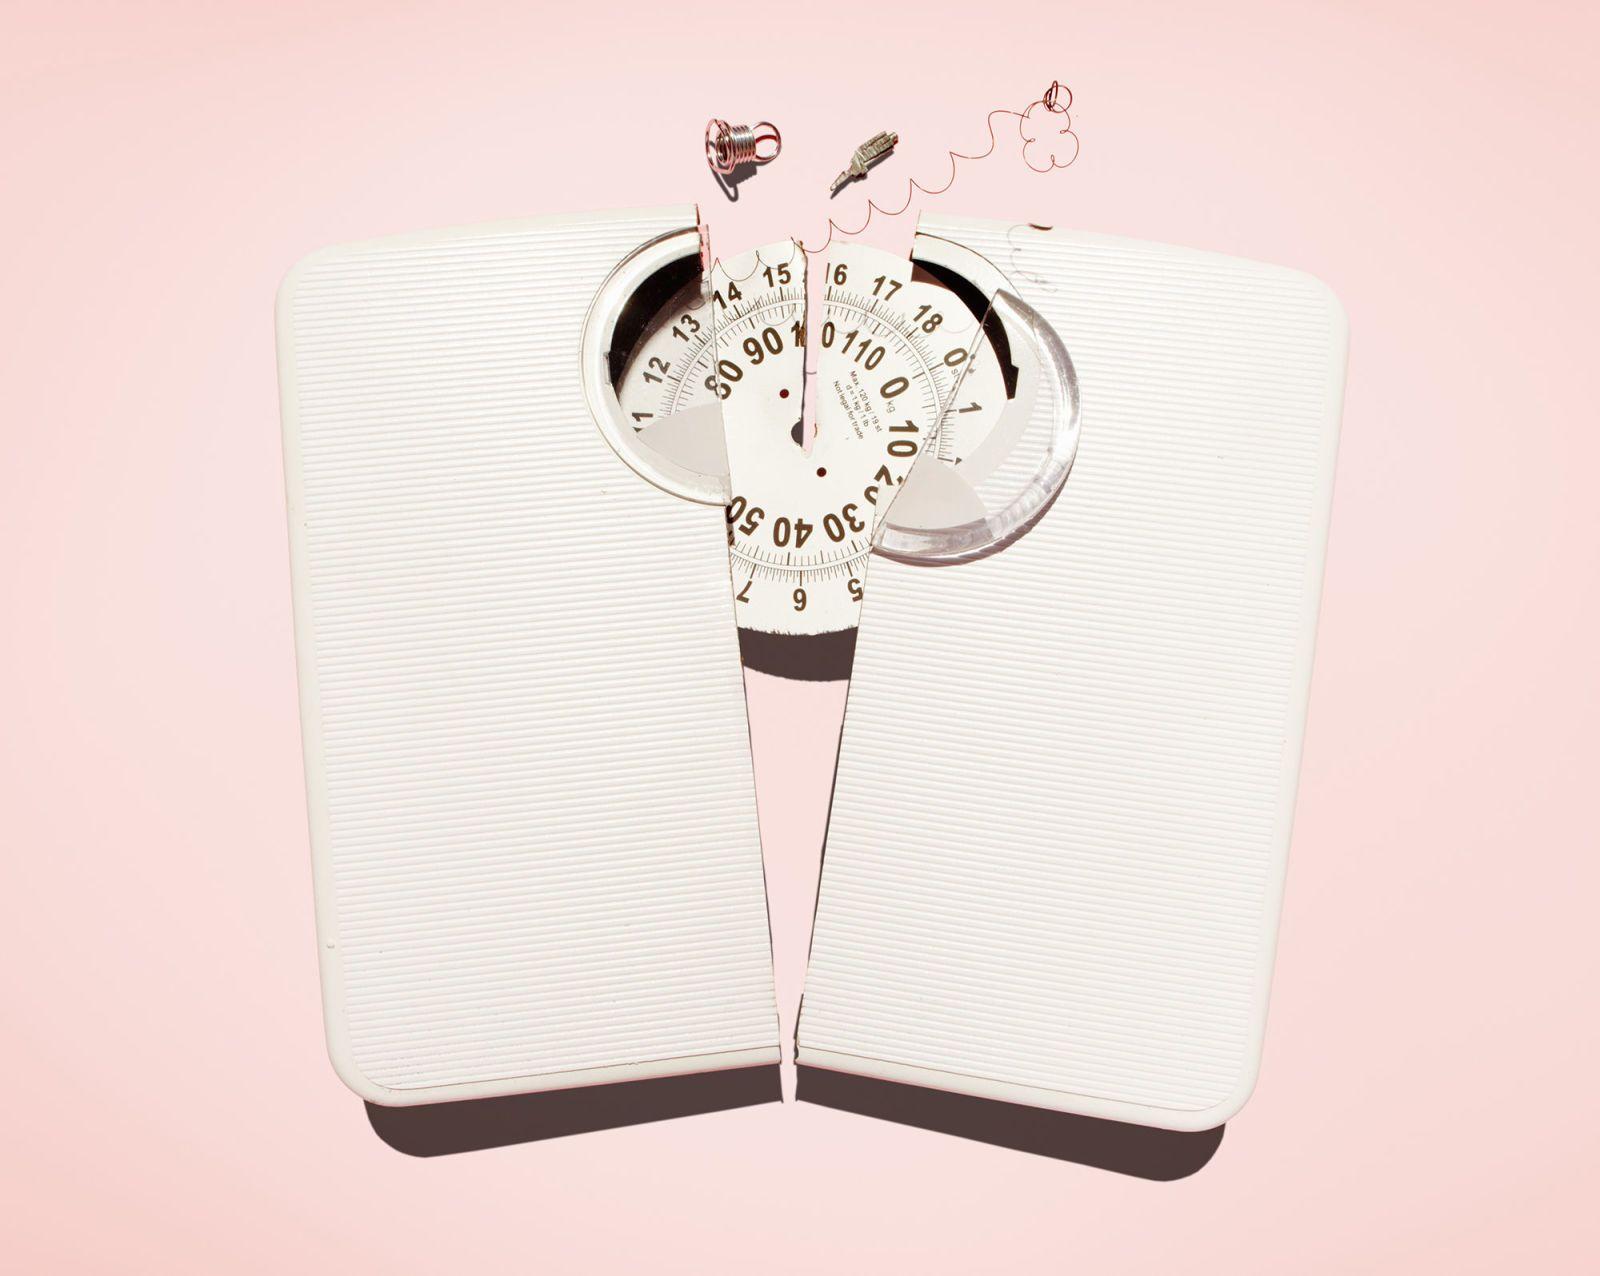 trova piante medicinali per perdere peso